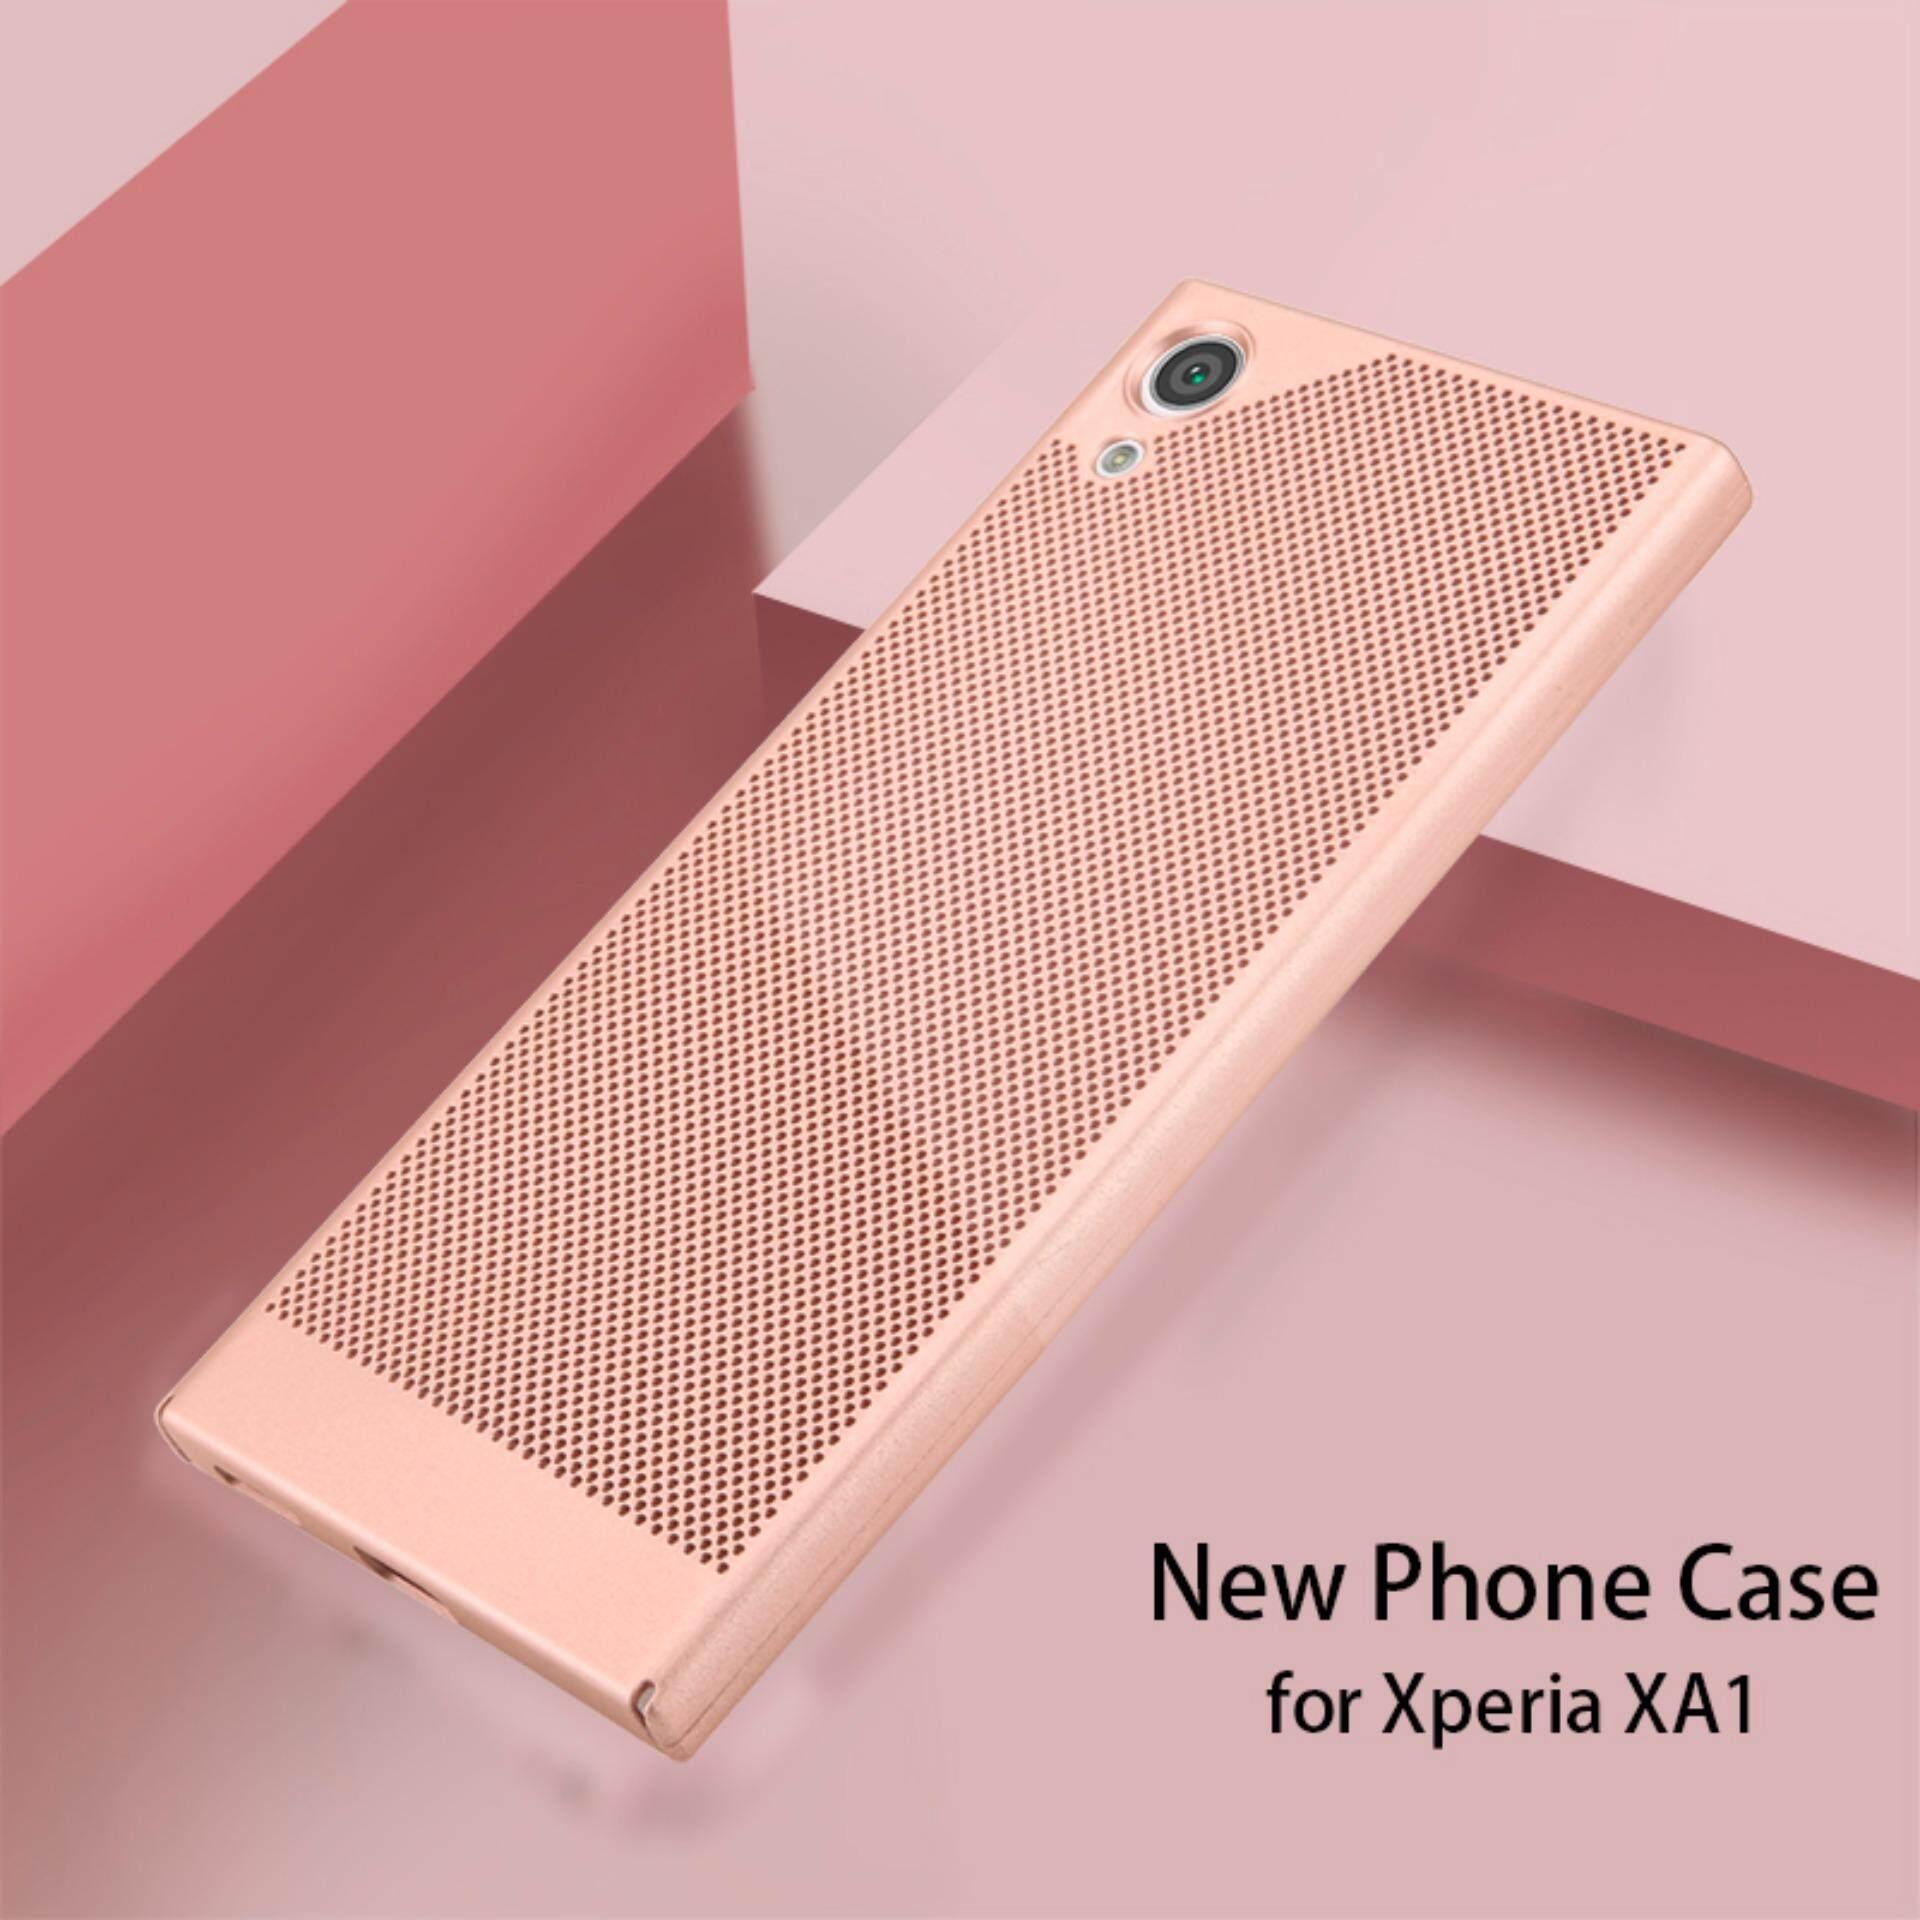 ... Sarung Case untuk Sony Xperia XA1 Keras Buah Case Sampul Belakang G3112 G3116 G3121 Case-